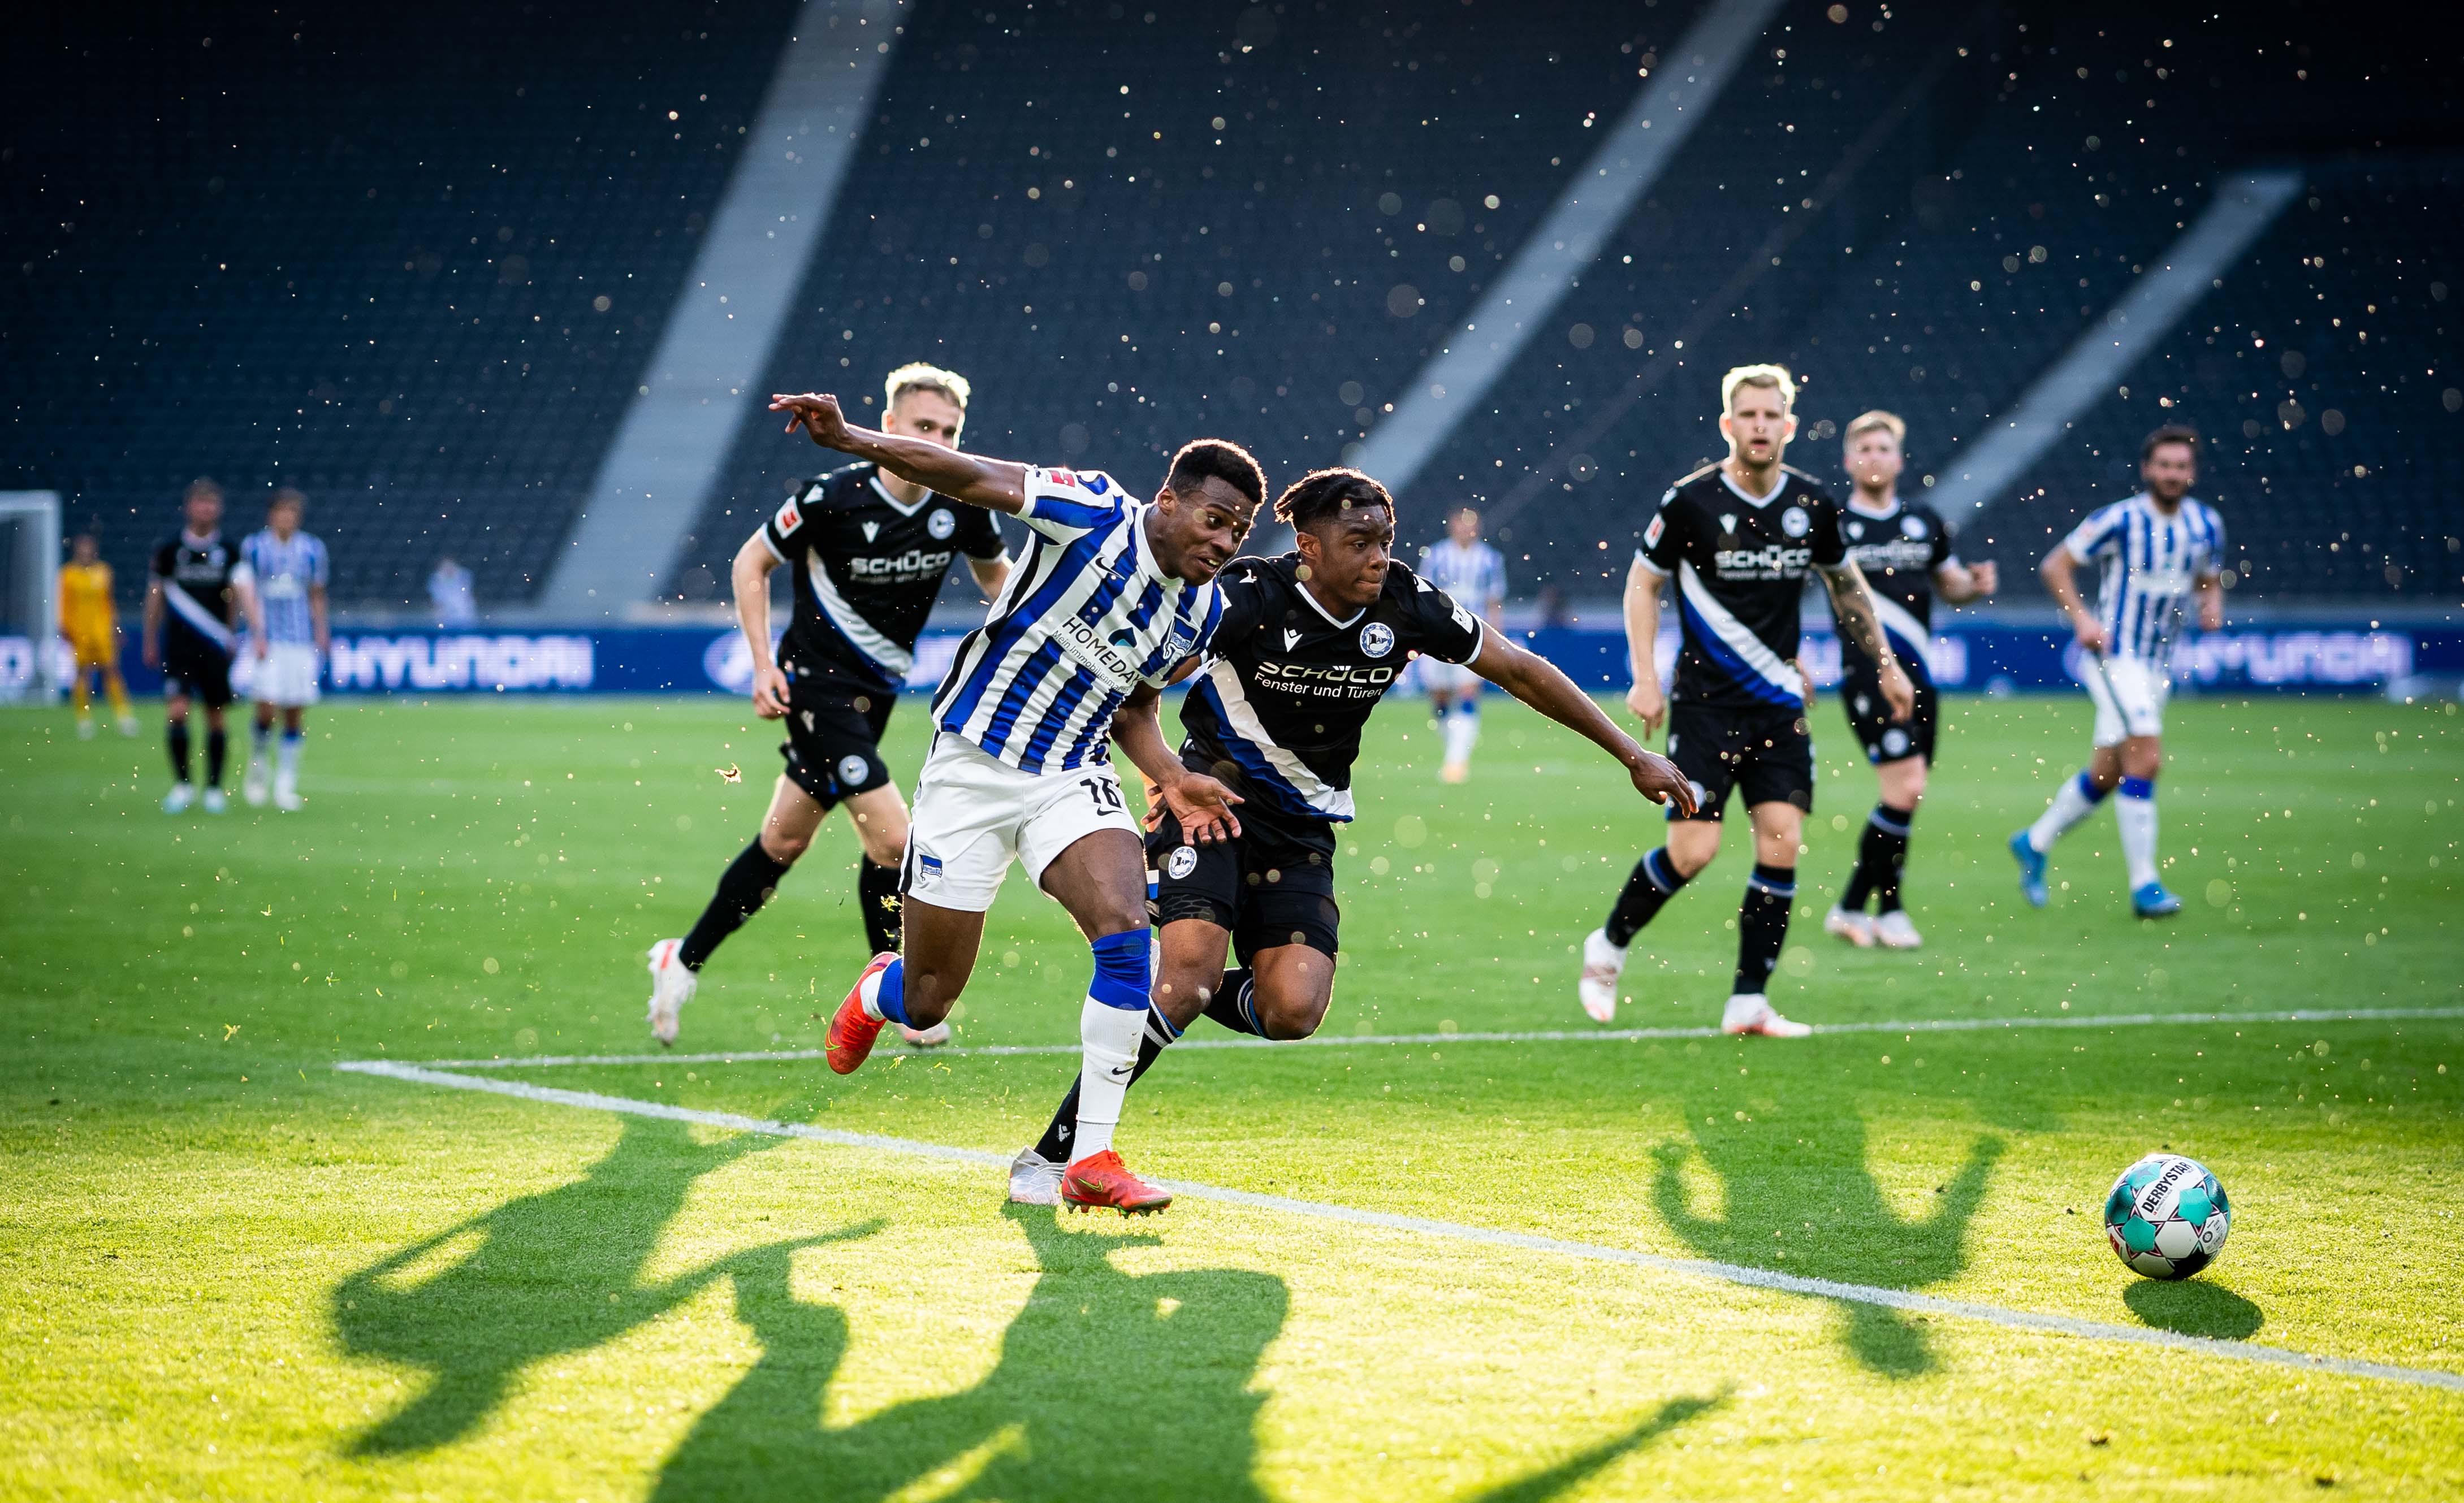 Javairo Dilrosun se impuso contra los oponentes de Bielefeld.